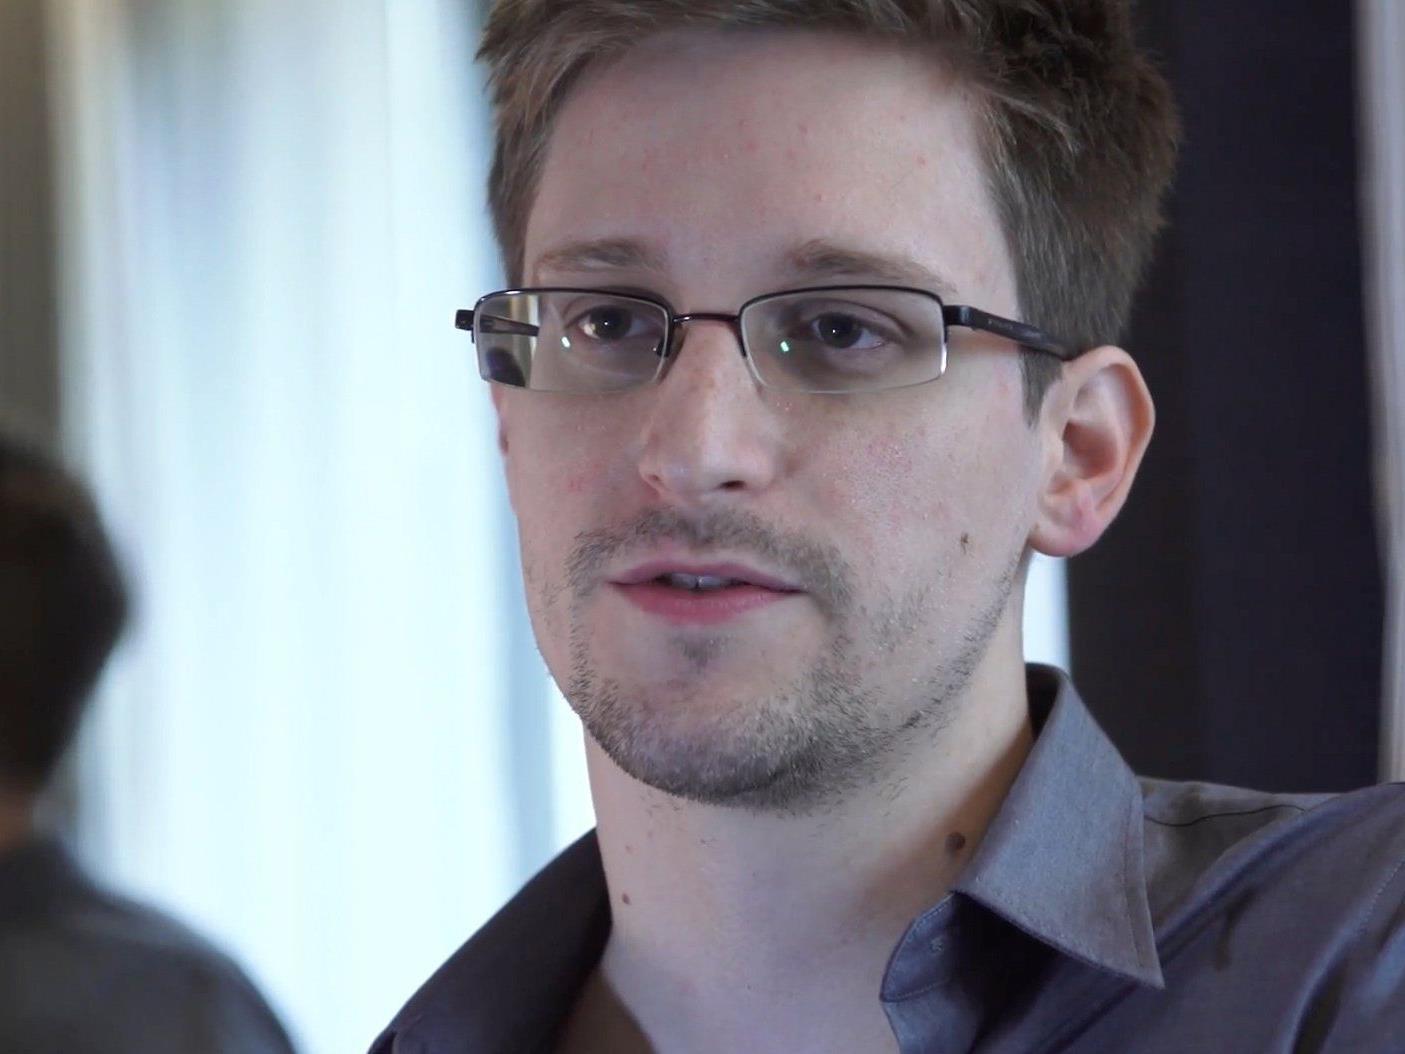 Edward Snowden enthüllt nun auch eine Spionage-Affäre.